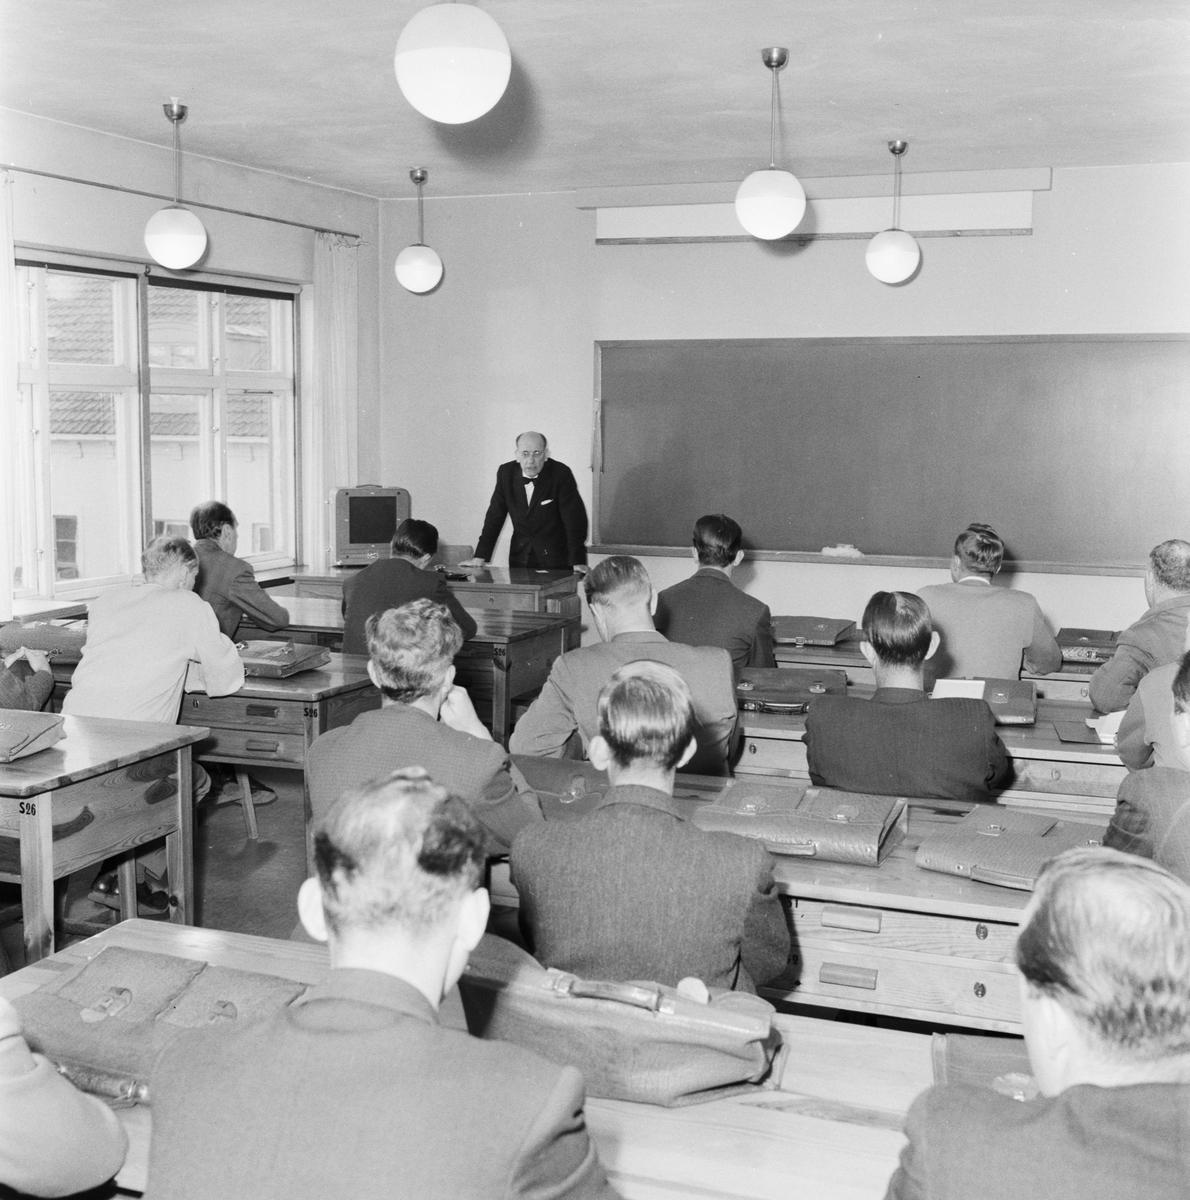 Övrigt: Foto datum: 15/10 1957 Byggnader och kranar Yrkeskolan interiör